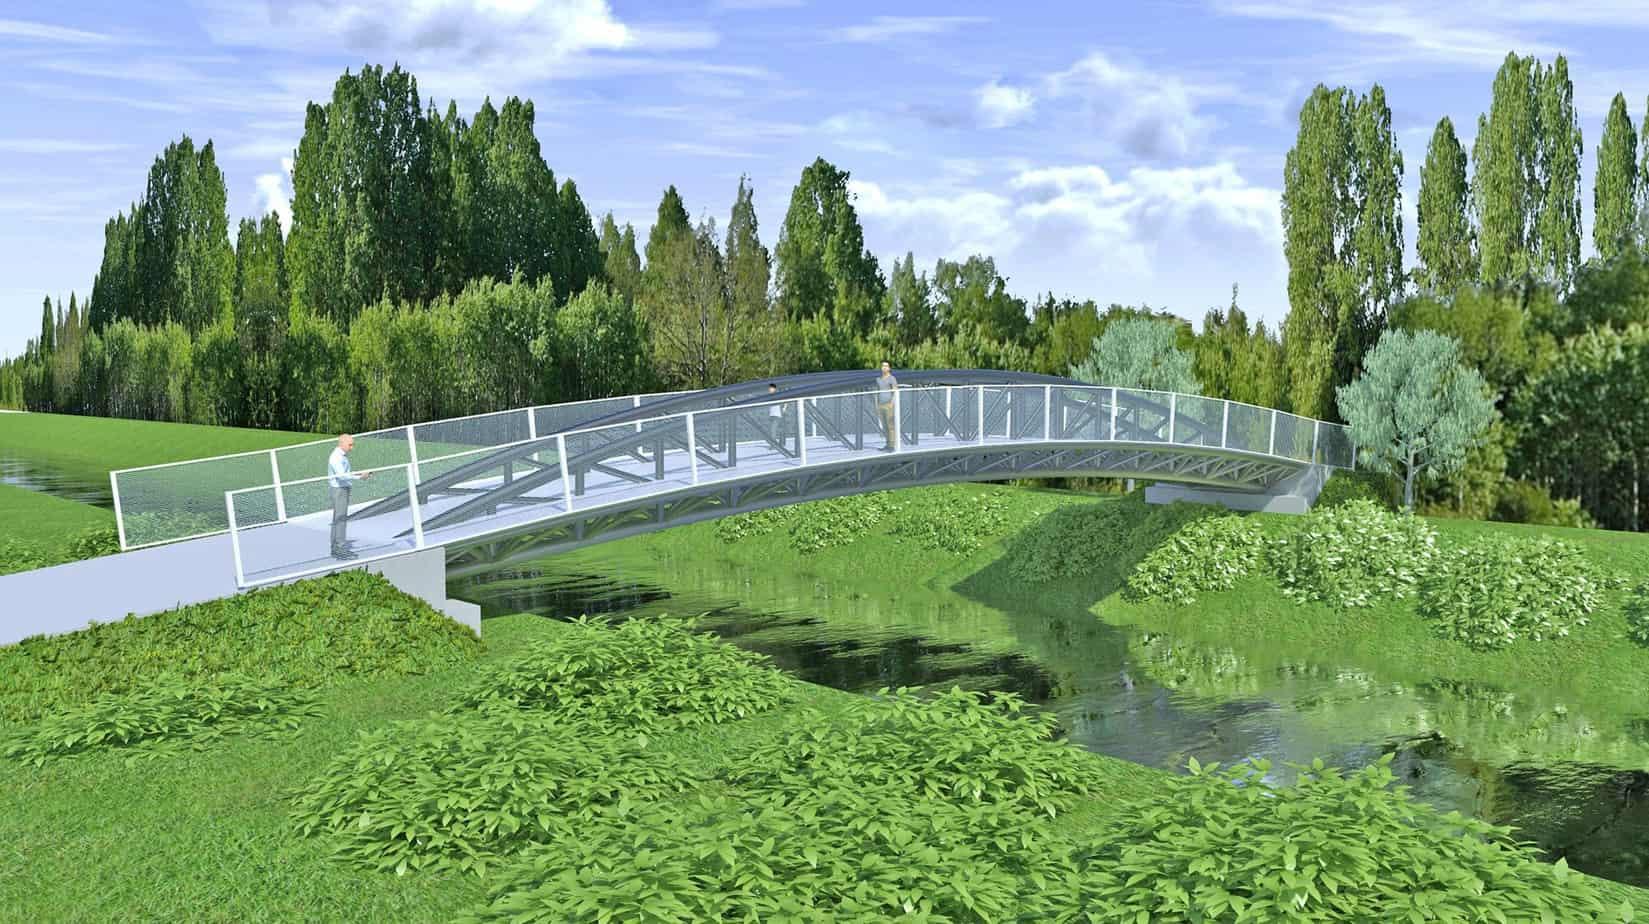 Ponti pedonali in alluminio strade autostrade online for Progettista di ponti online gratuito